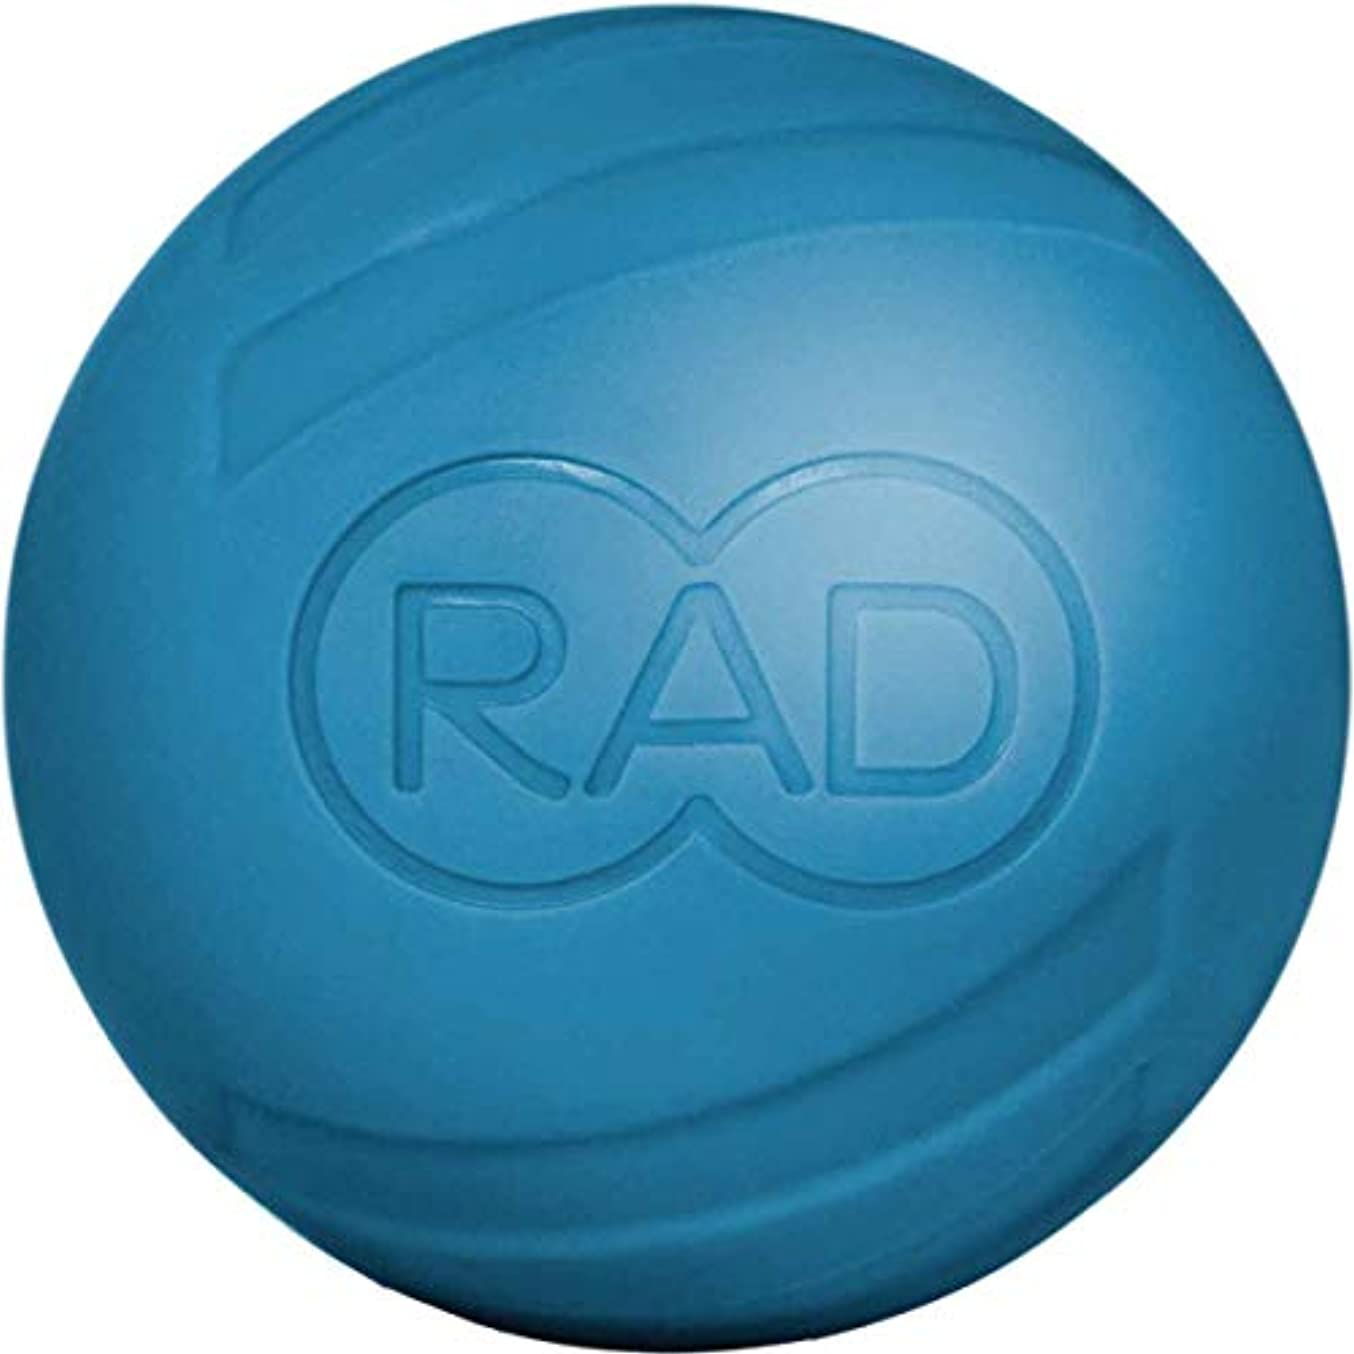 スケートランタン同じRAD アトム|高密度筋膜リリースツール|セルフマッサージで可動性と回復を促します